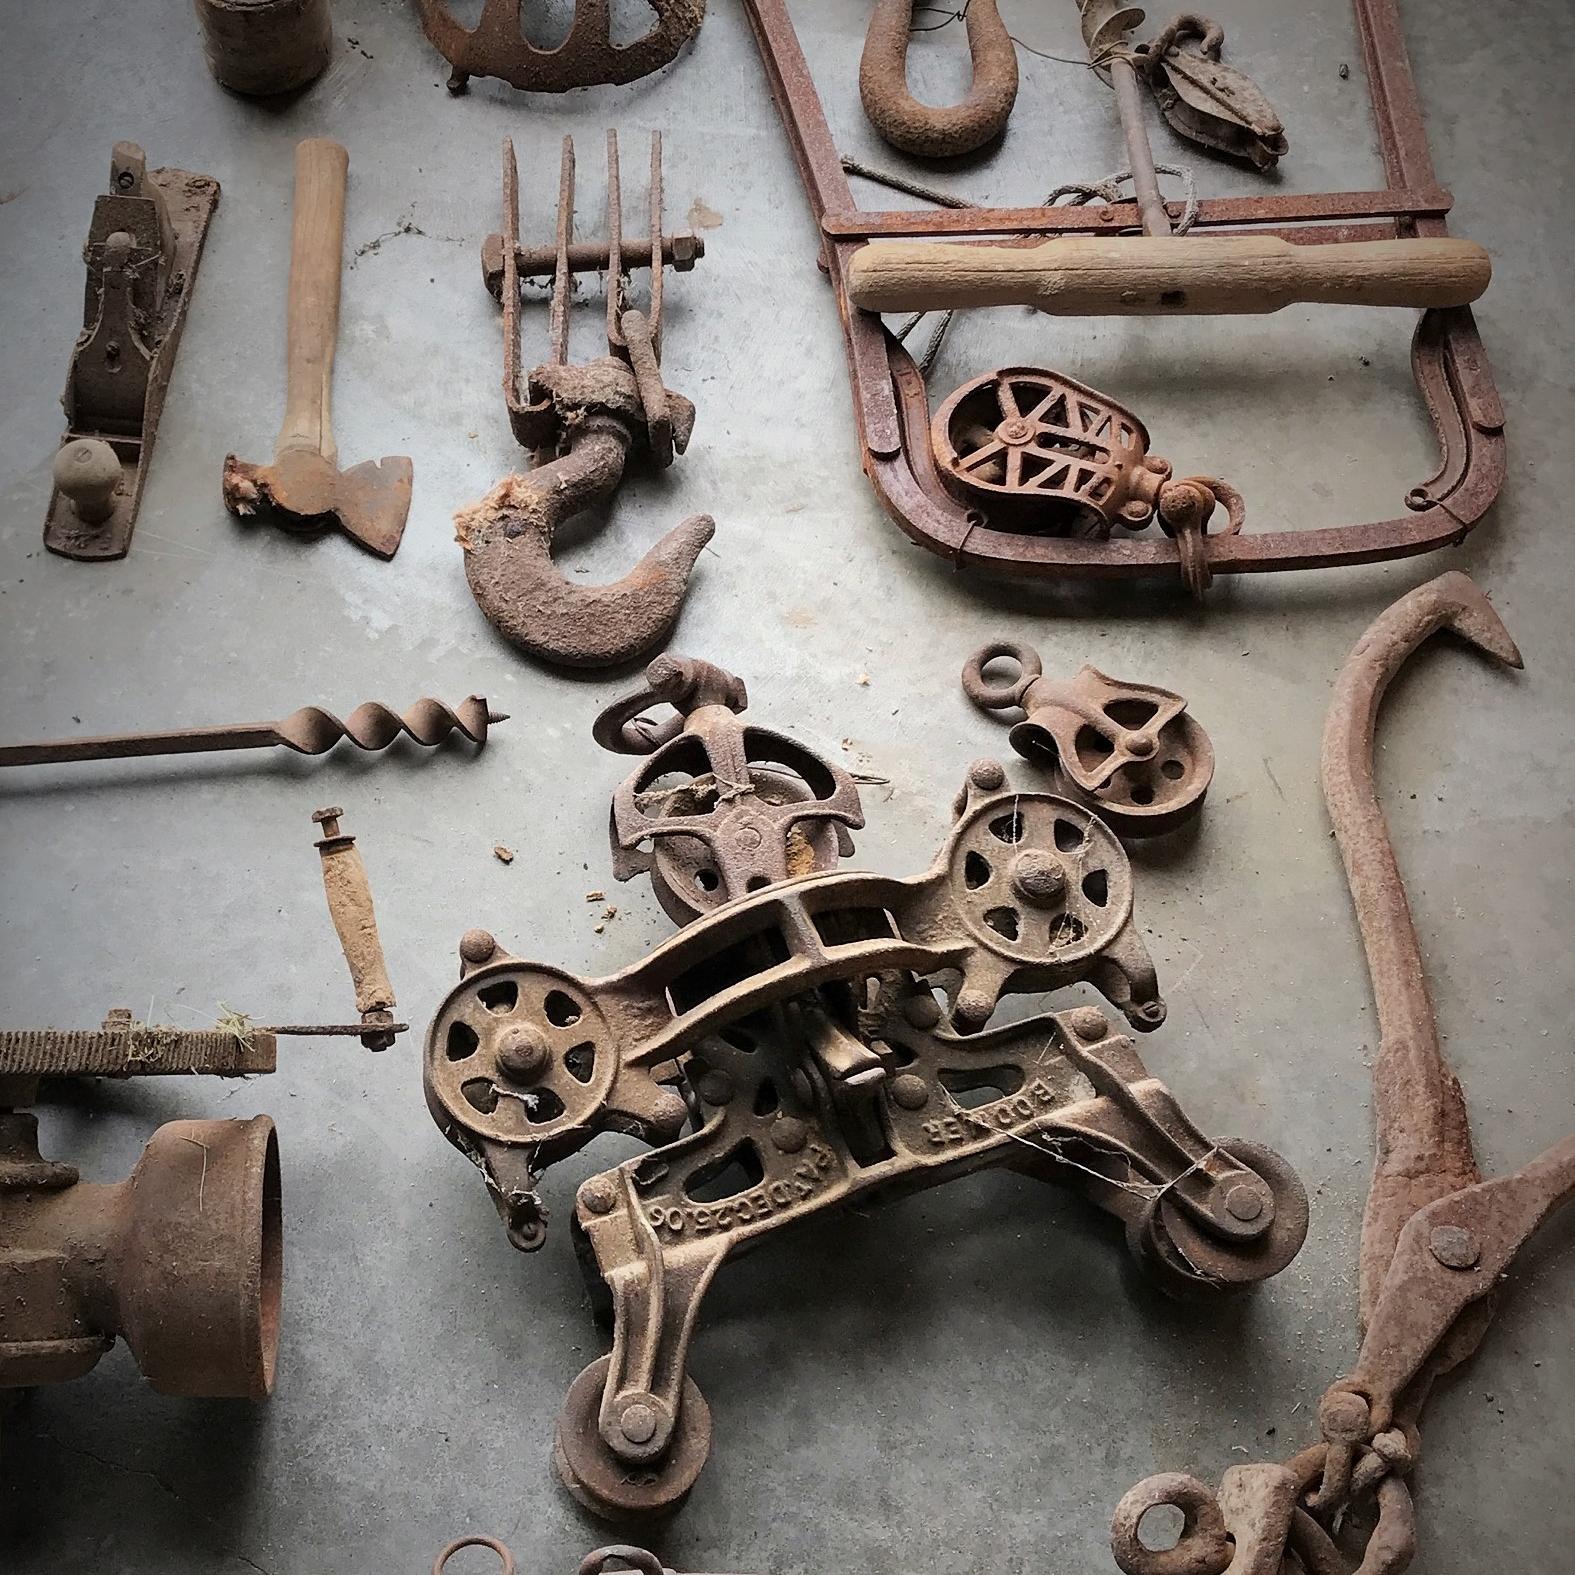 Rustic Tools Pic (2).jpg